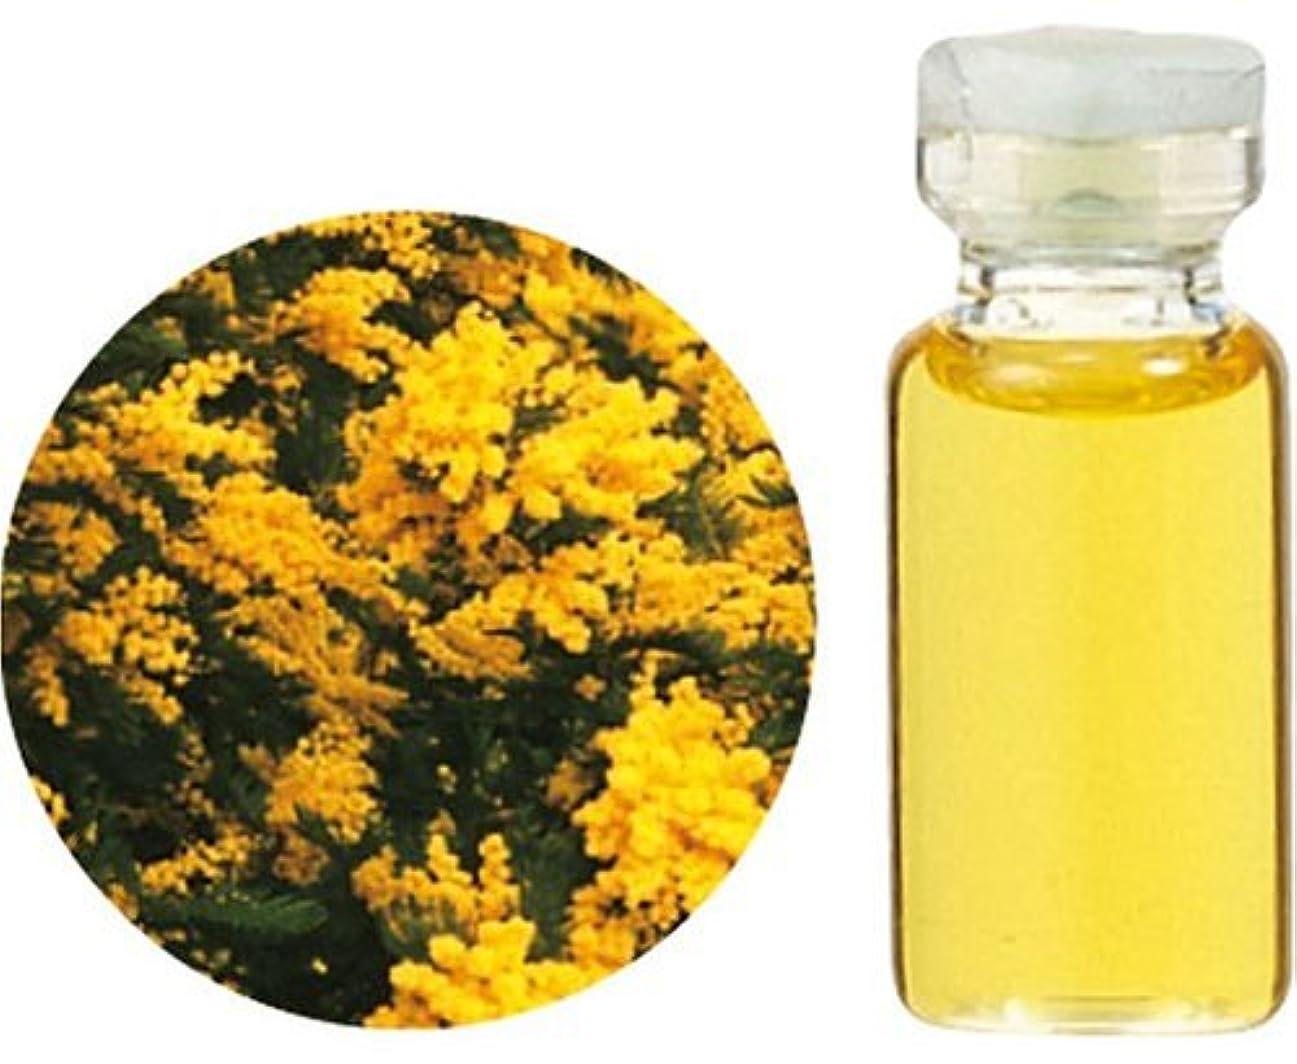 花瓶免疫するリダクター生活の木 C 花精油 ミモザ アブソリュート (25%希釈) エッセンシャルオイル 1ml